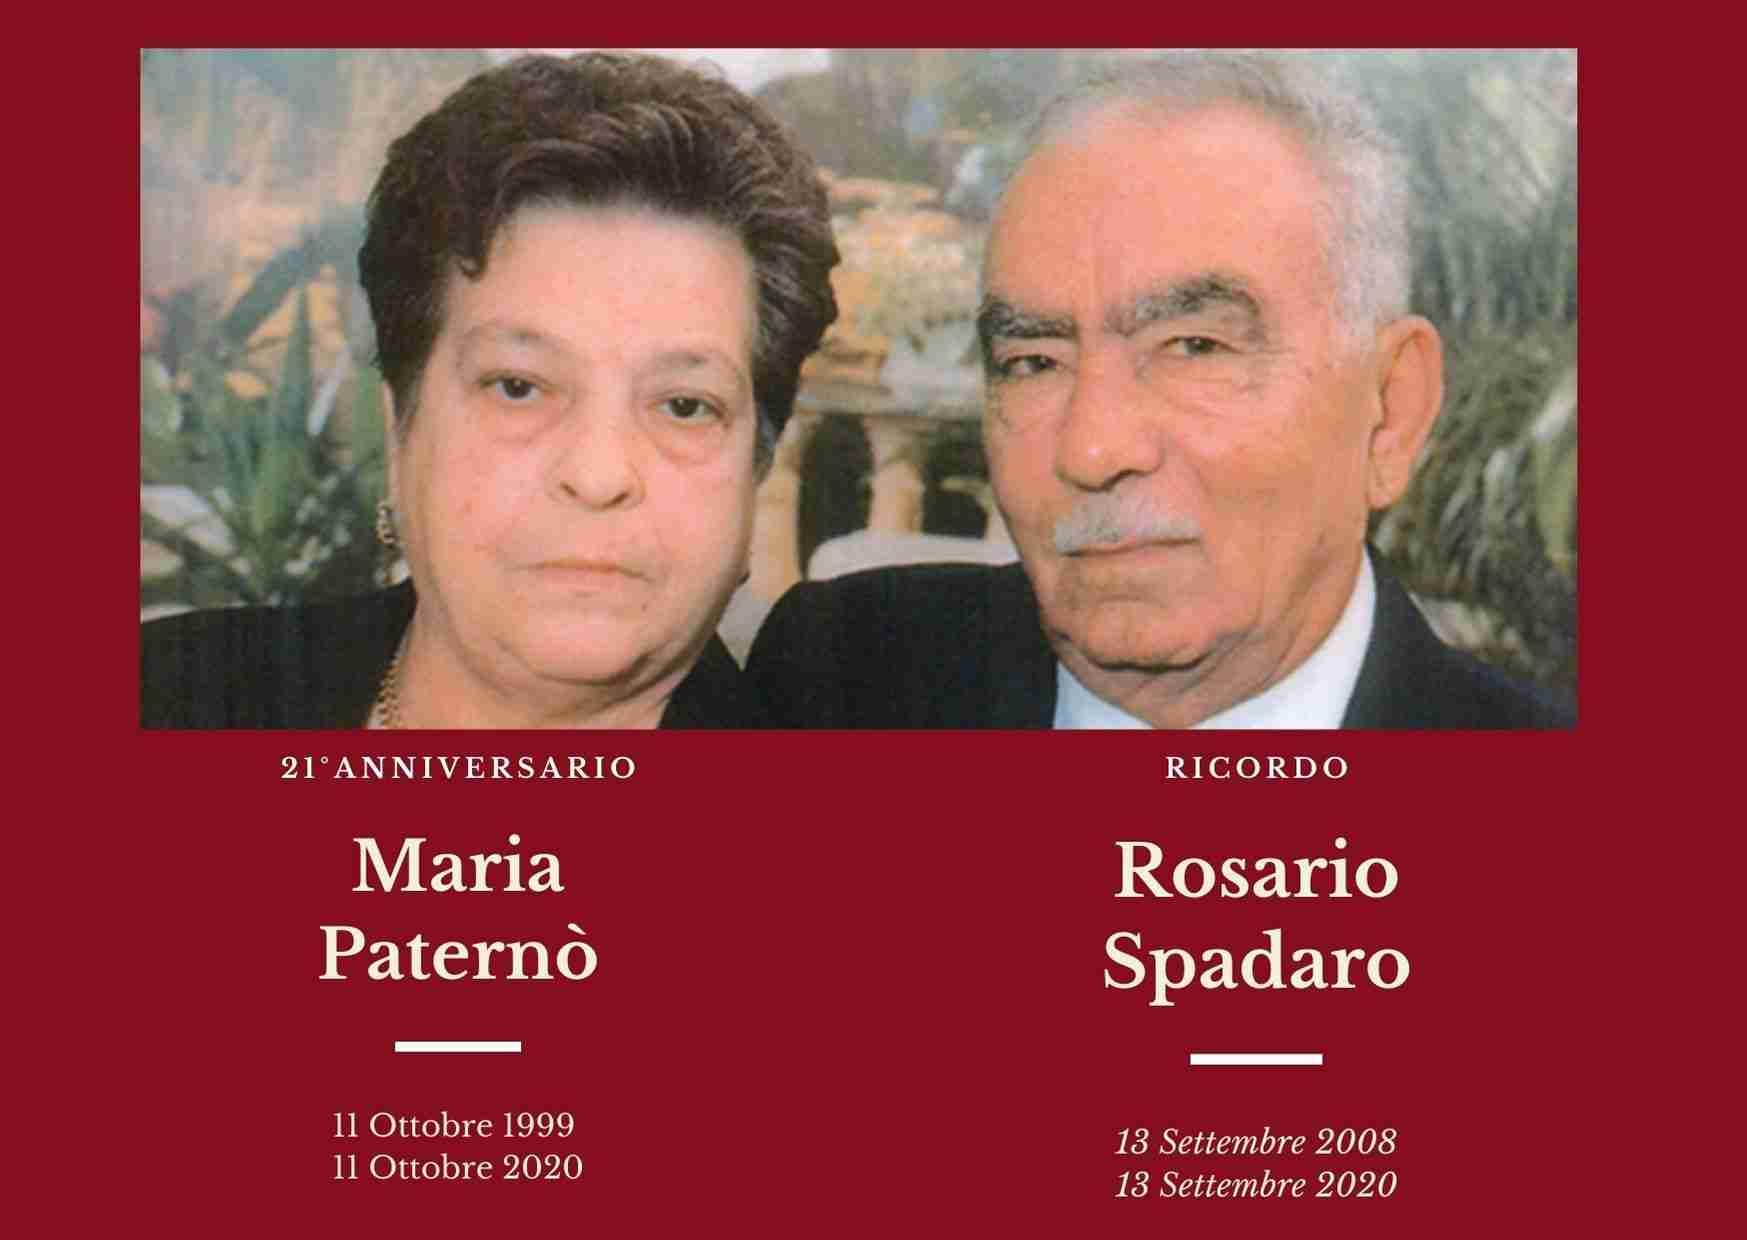 Necrologio: oggi l'anniversario e il ricordo dei coniugi Maria Paternò e Rosario Spadaro